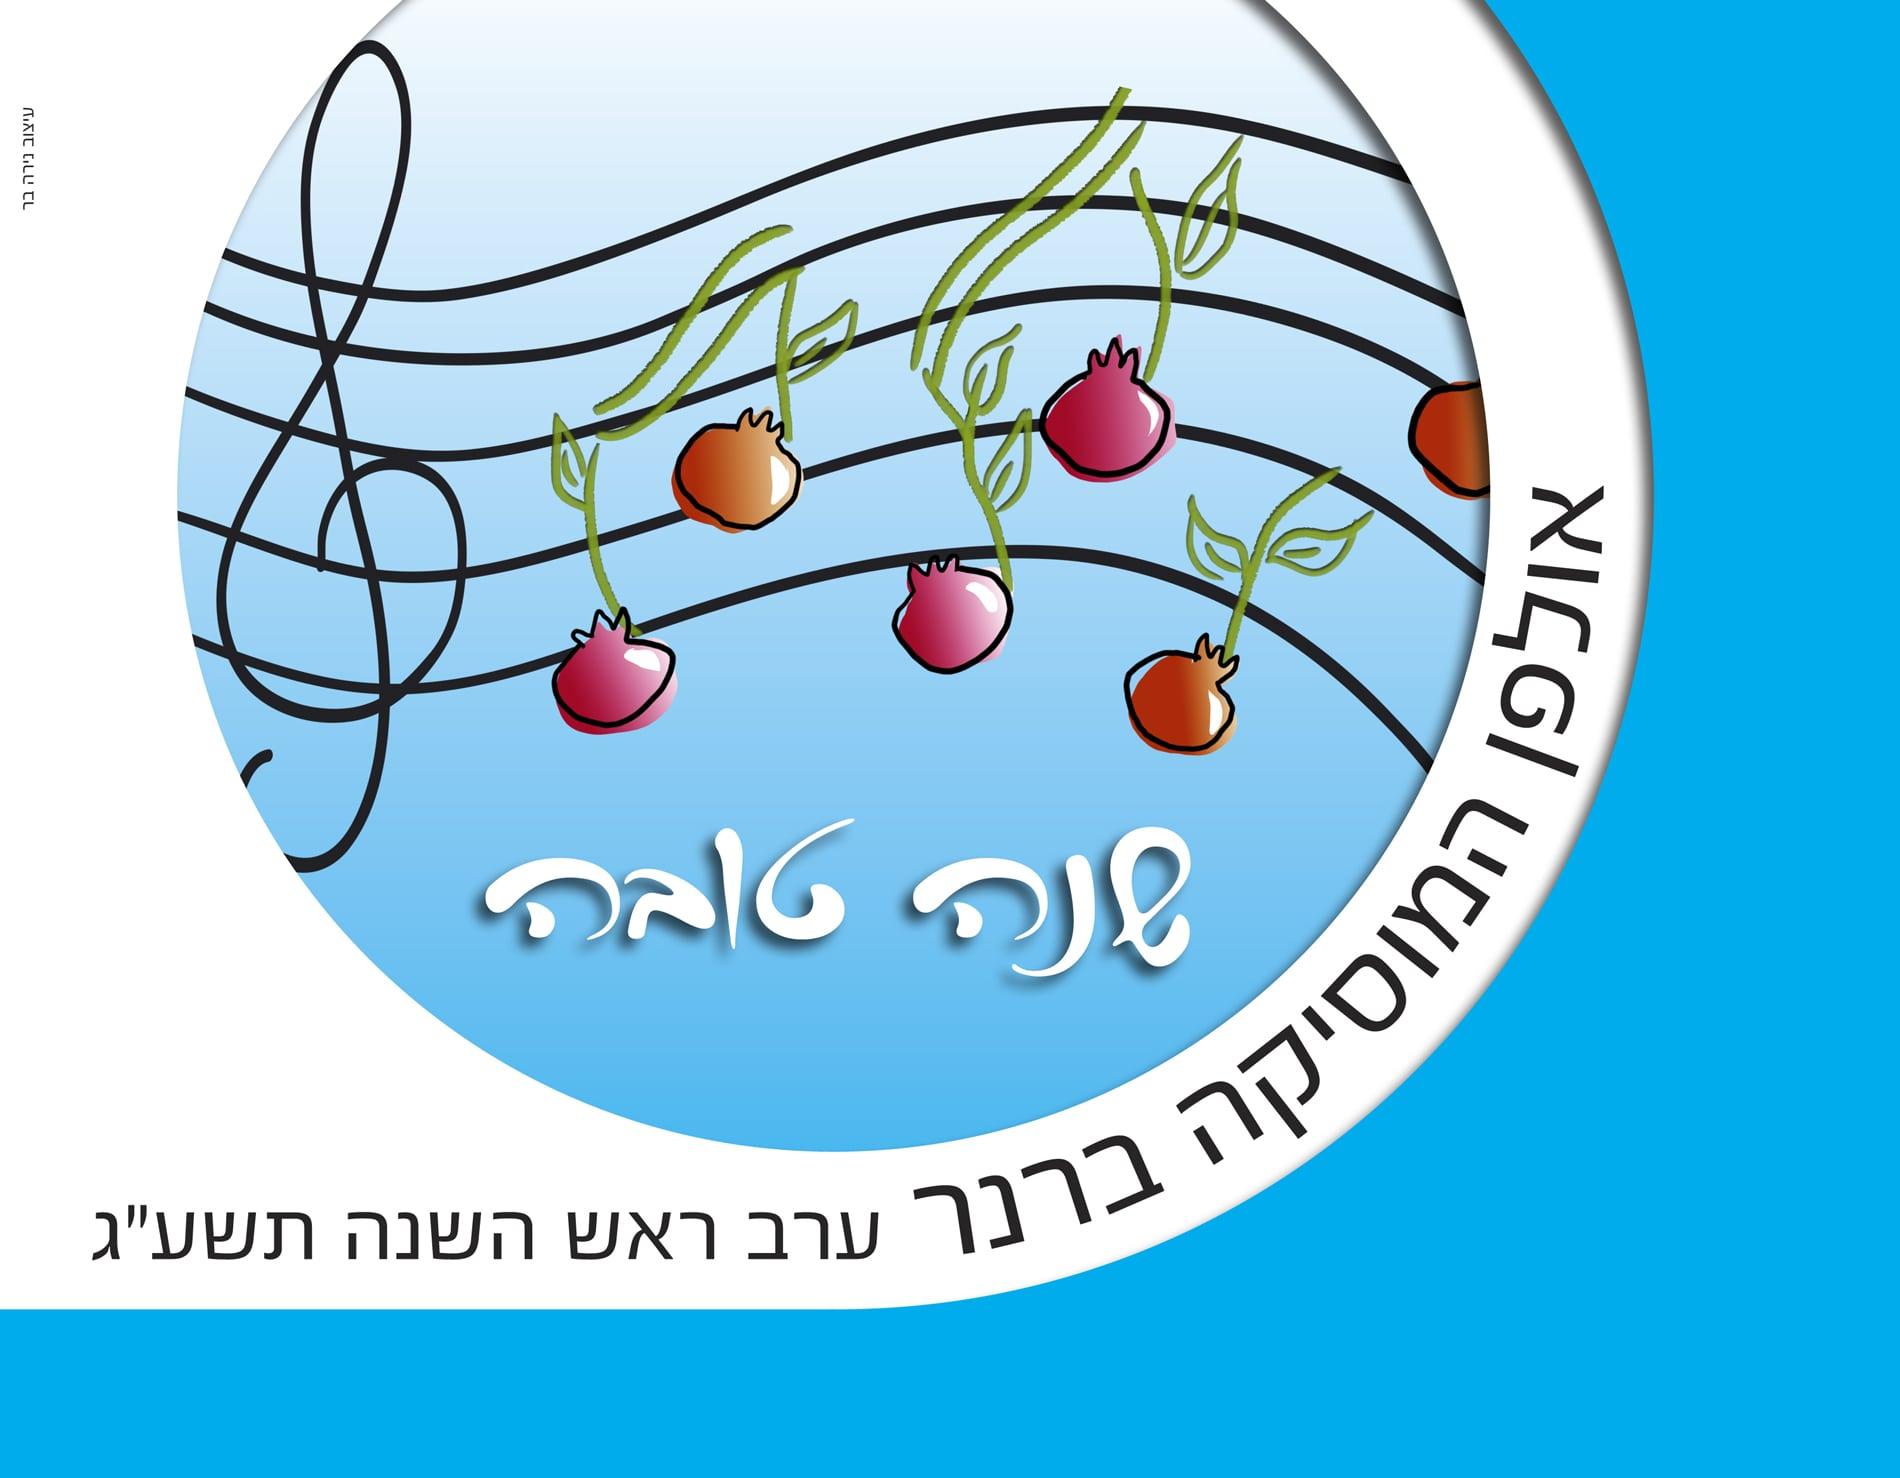 שנה טובה לאולפן ברנר 2012